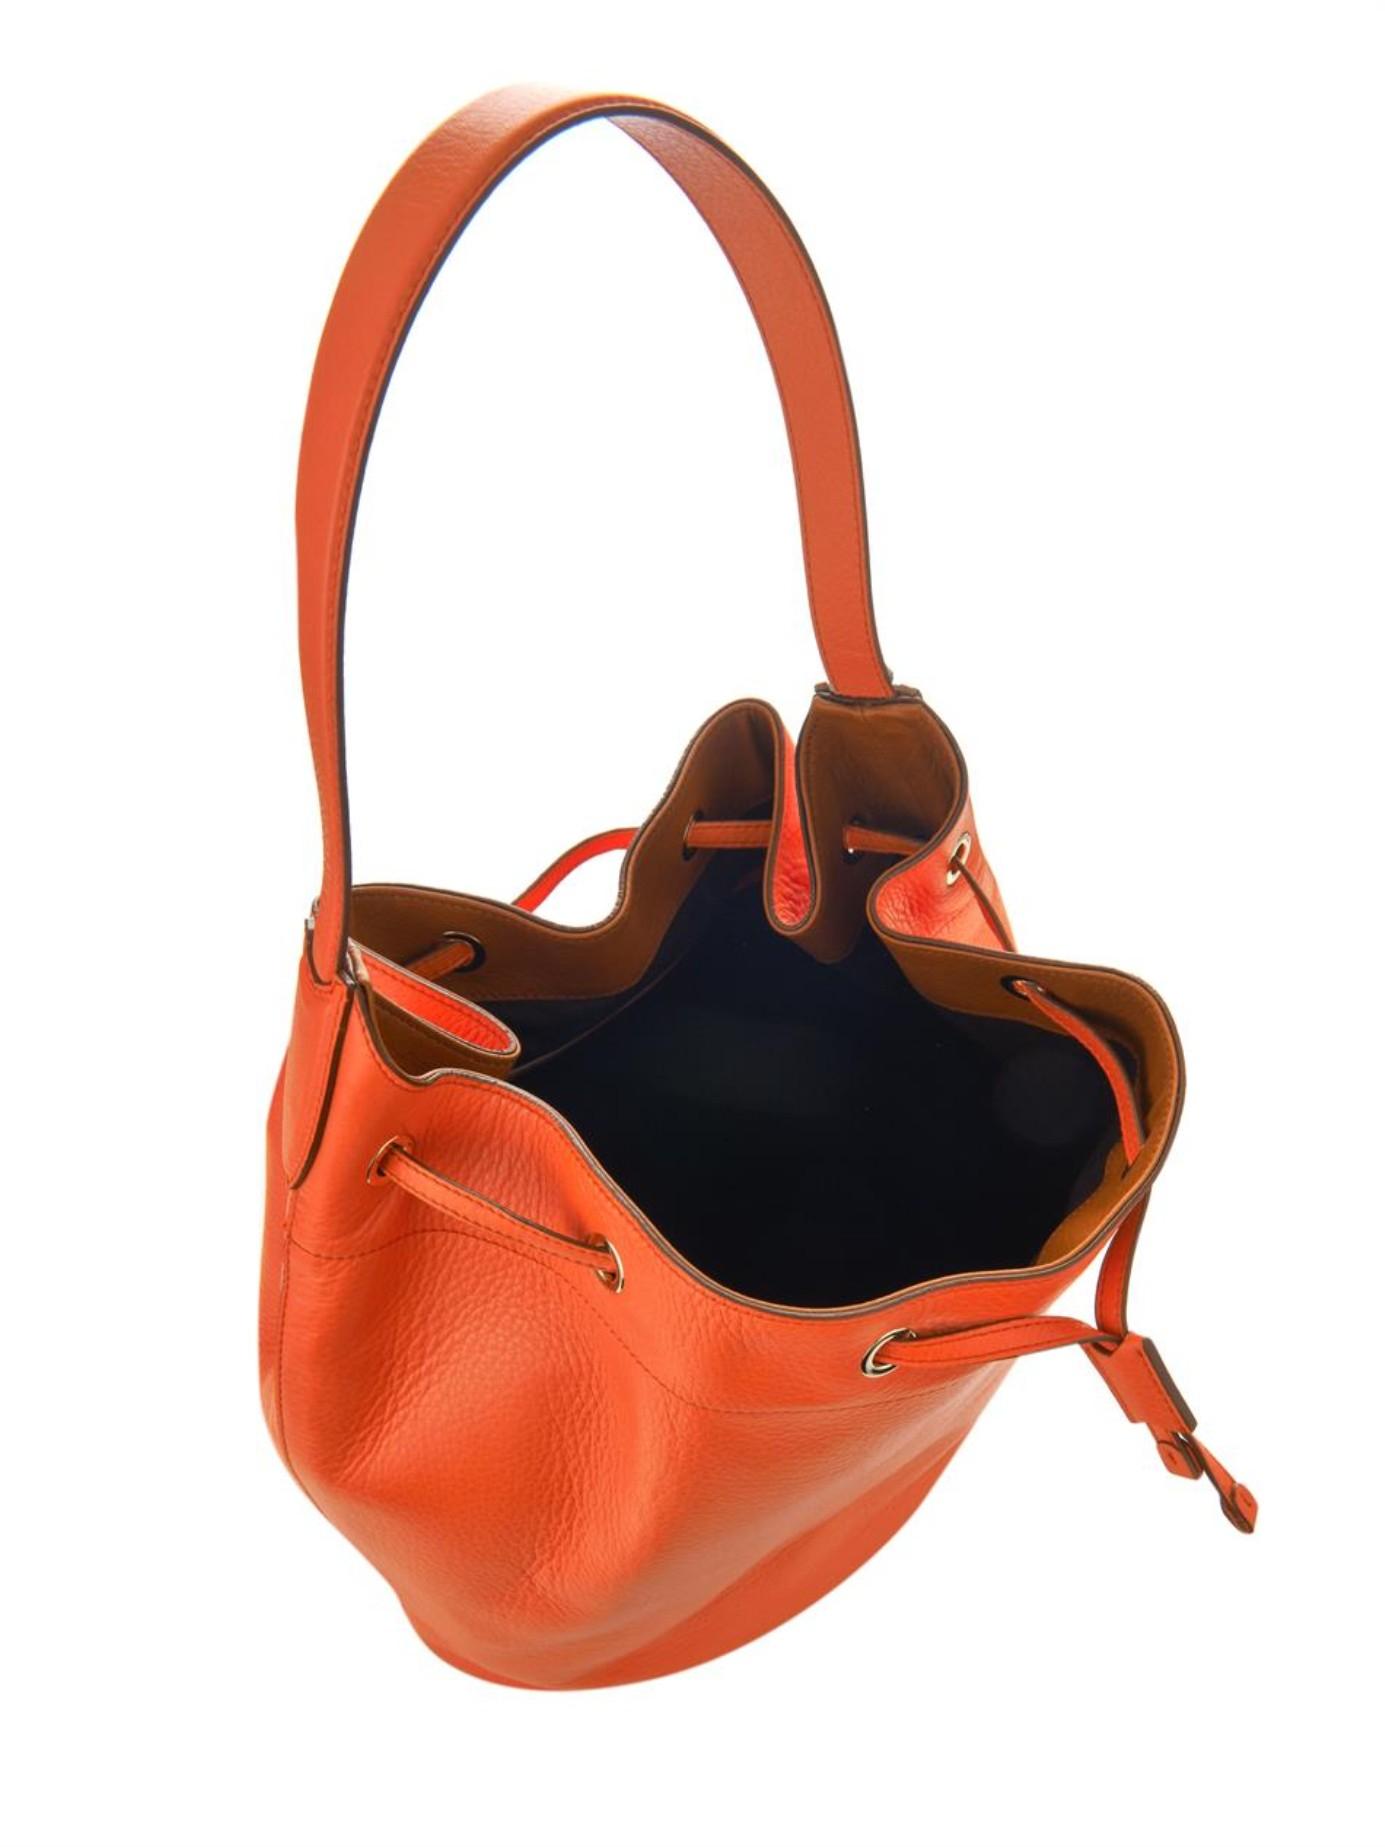 811504ab5 Max Mara Leather Bucket Bag in Orange - Lyst